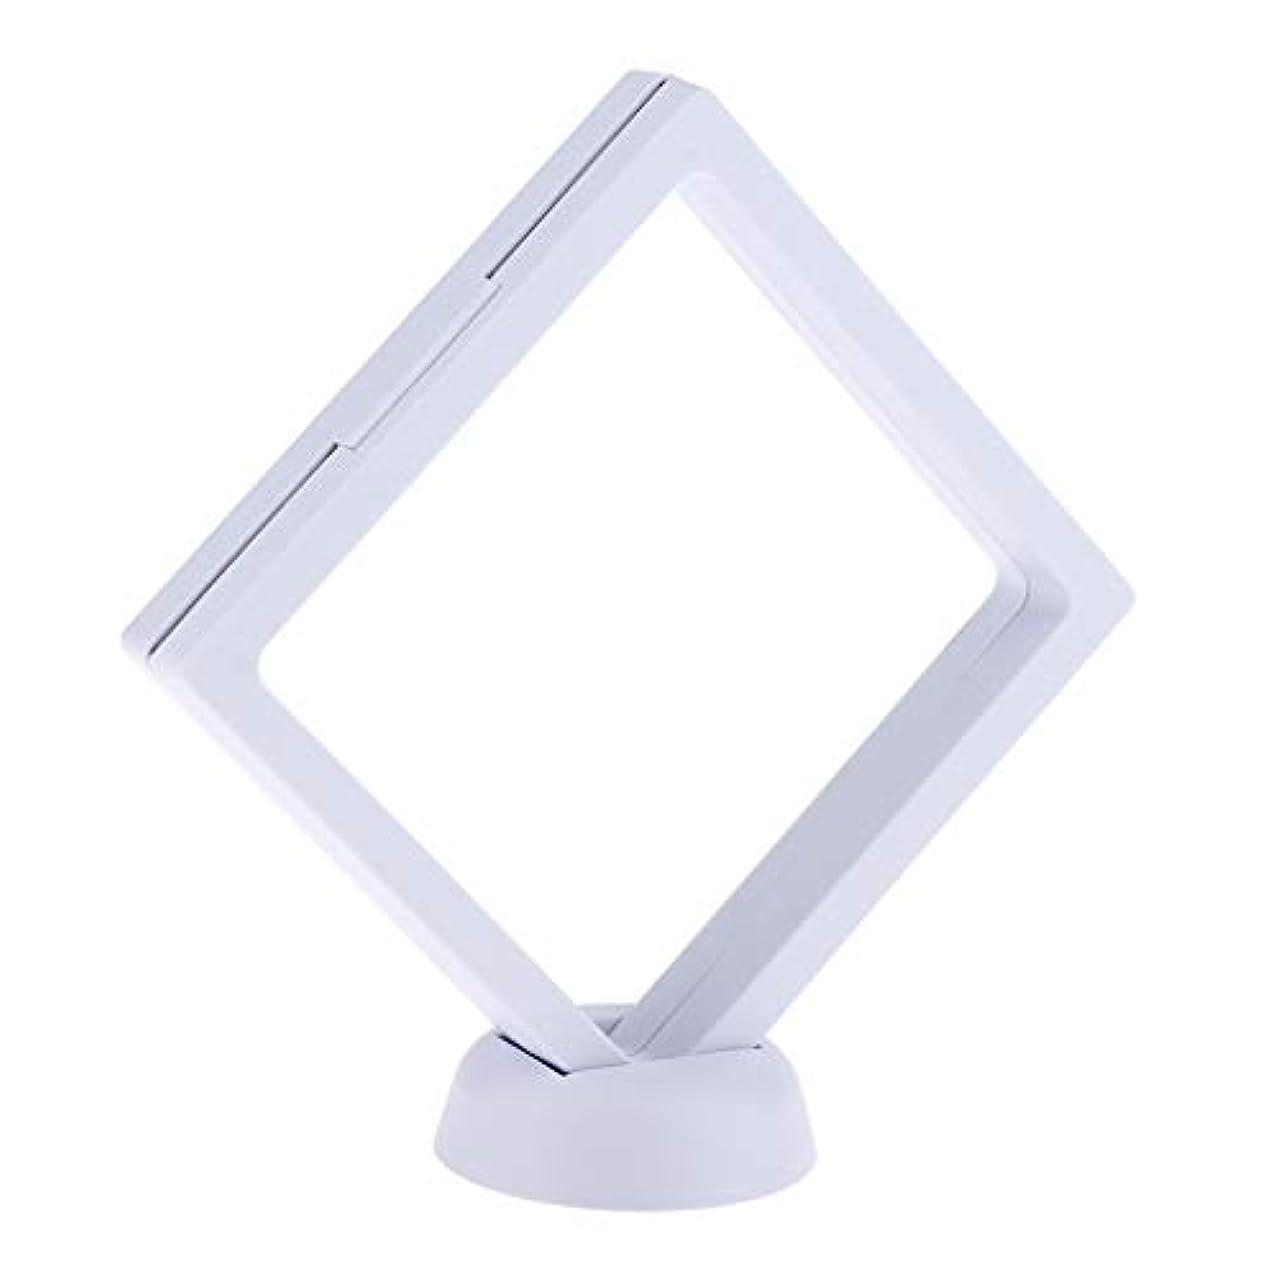 比較的カバー進行中B Baosity ネイルアート 展示用 ボード ネイルサロン ネイルヒント ディスプレイスタンド 2色選べ - 白